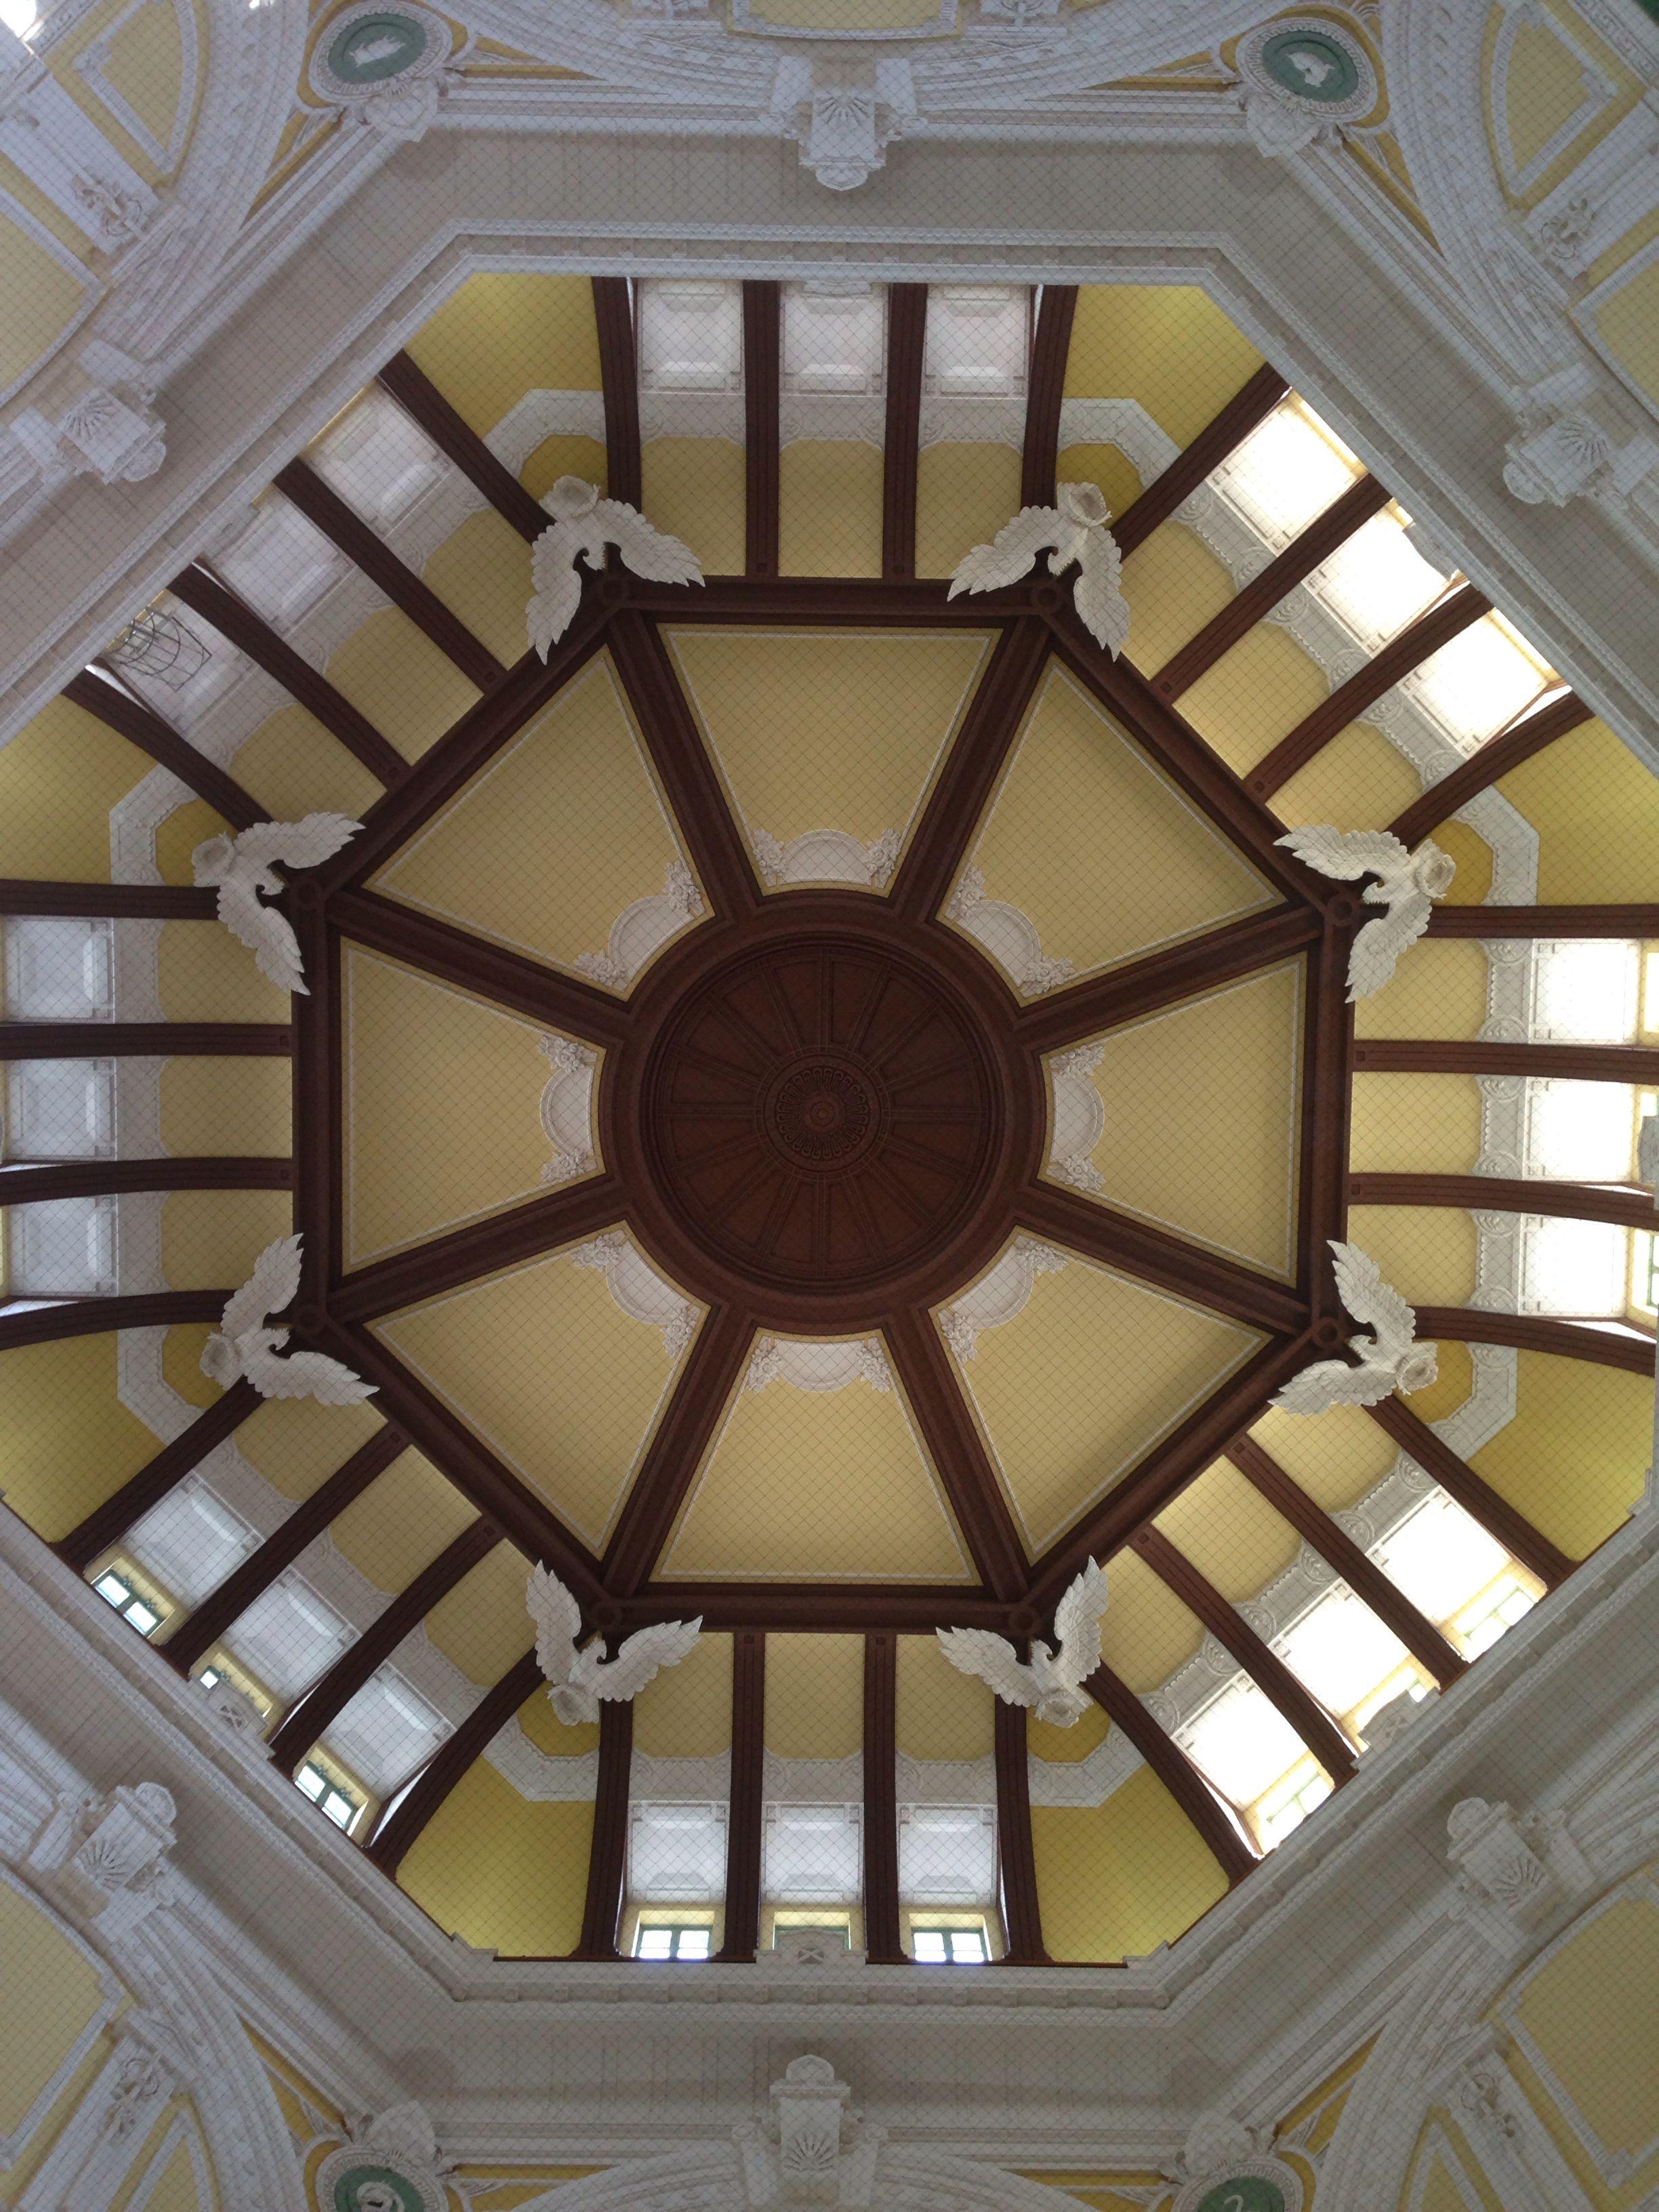 ドーム天井は必見 天井 路面電車 ドーム